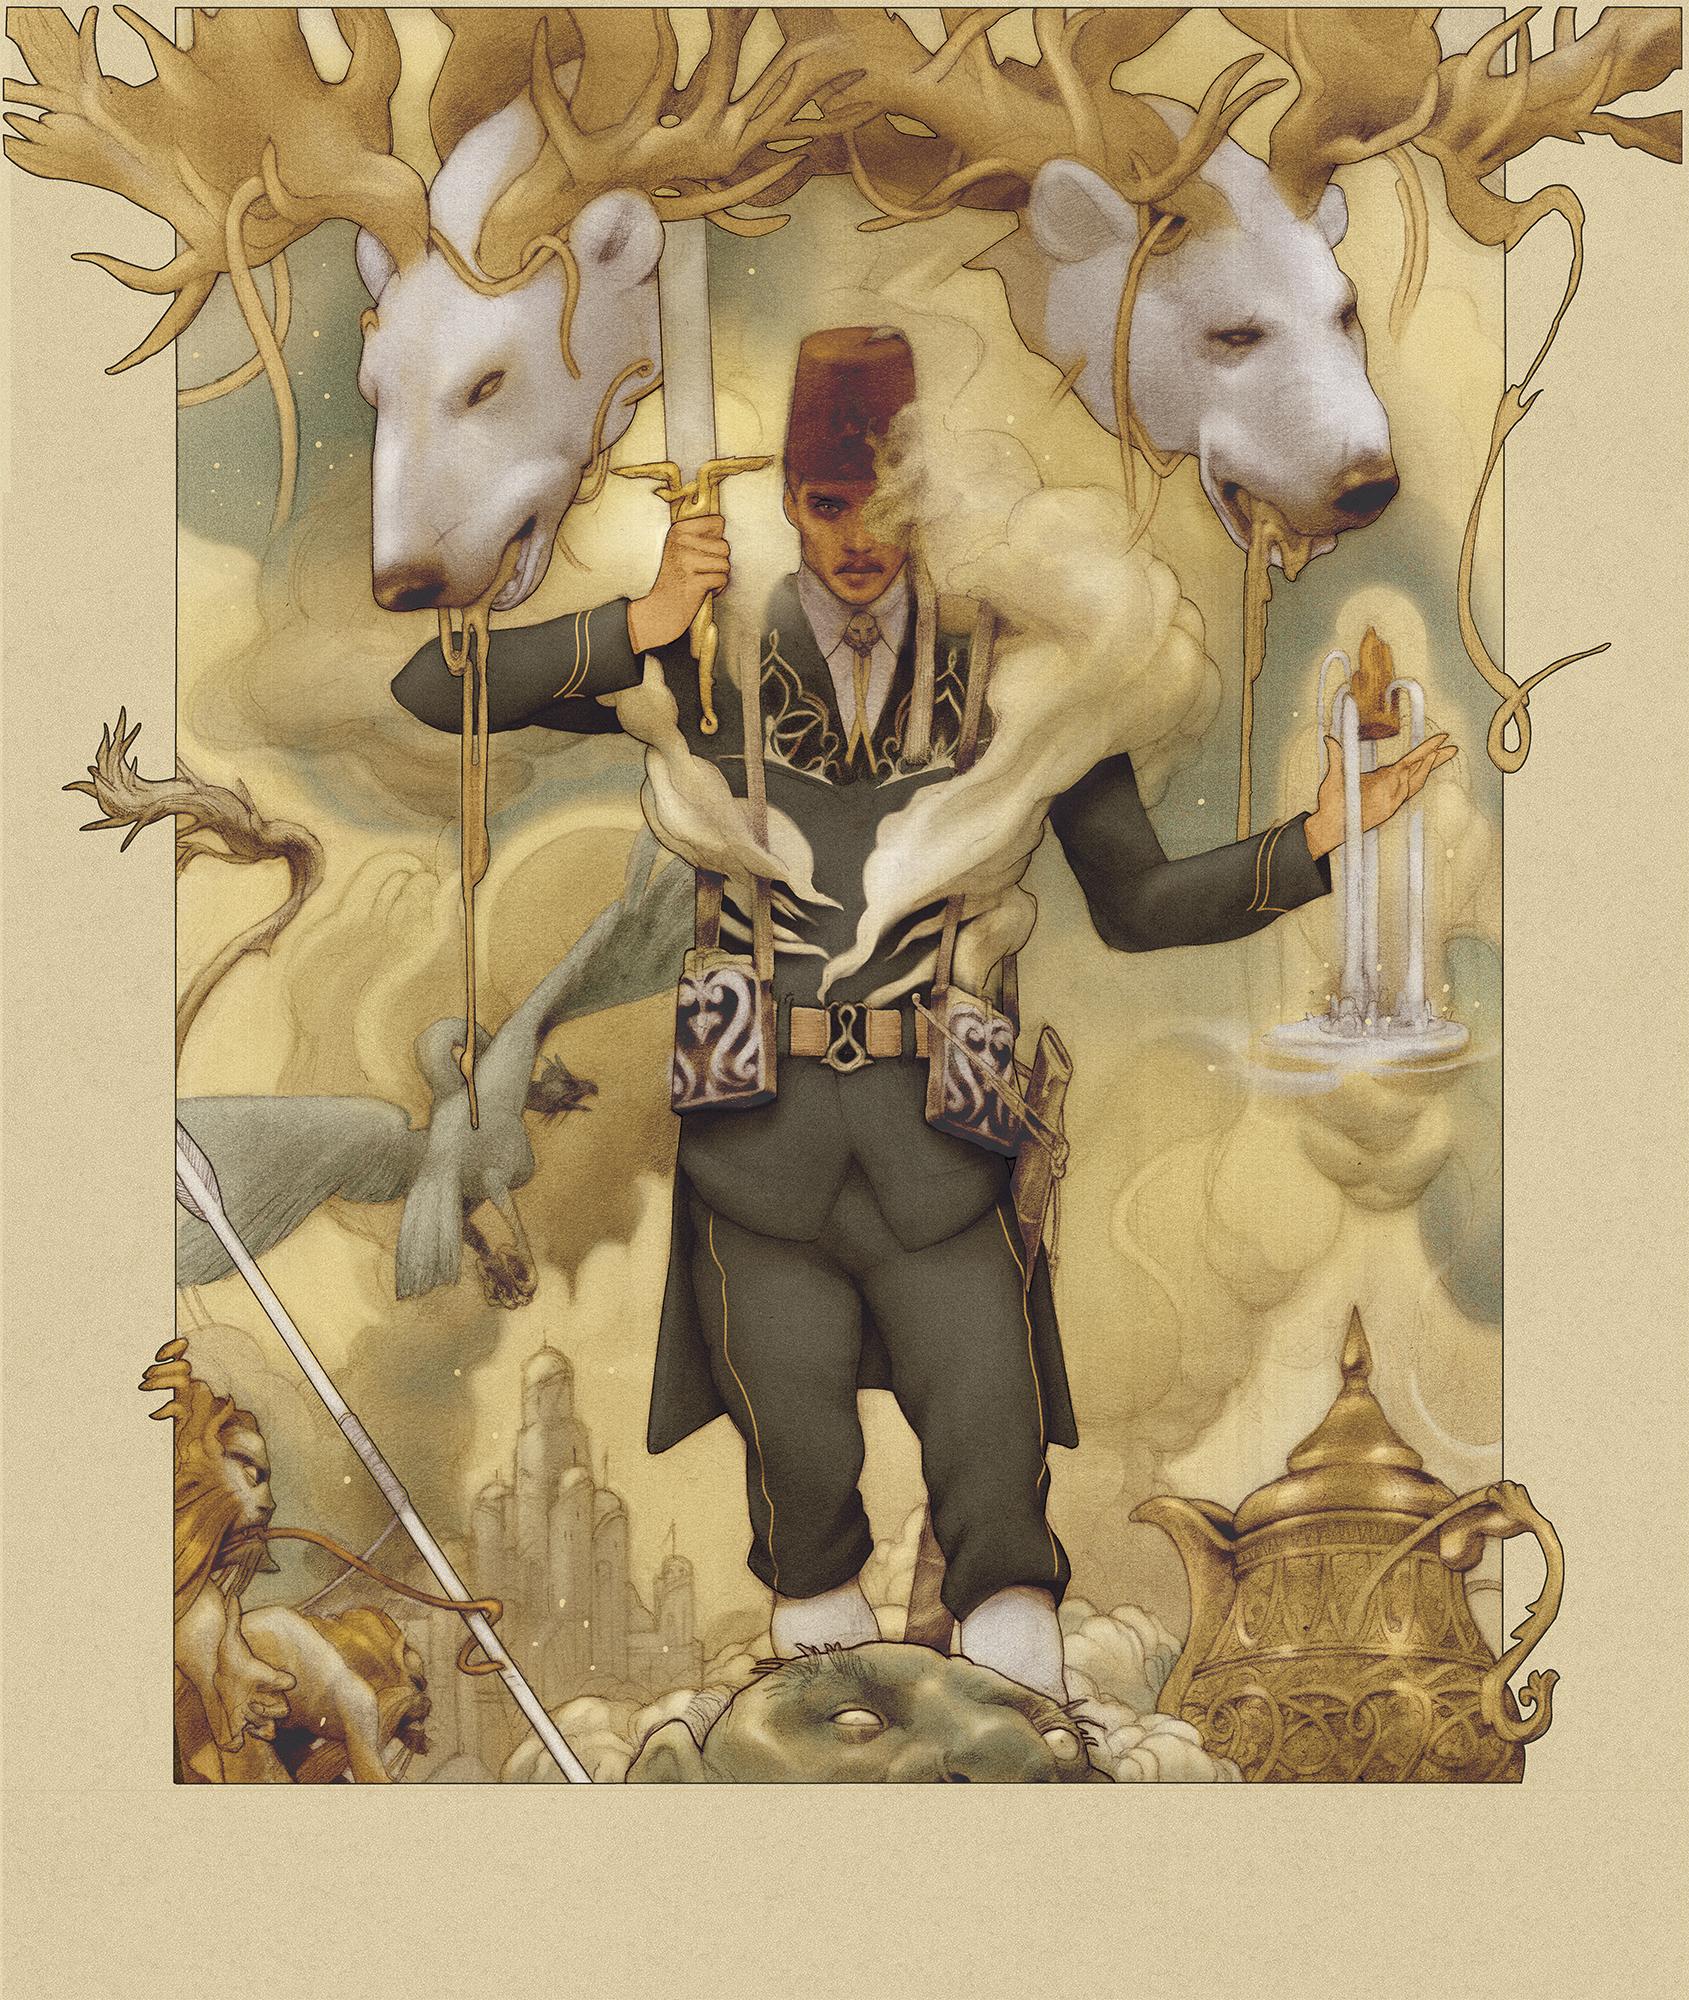 the King of Orium